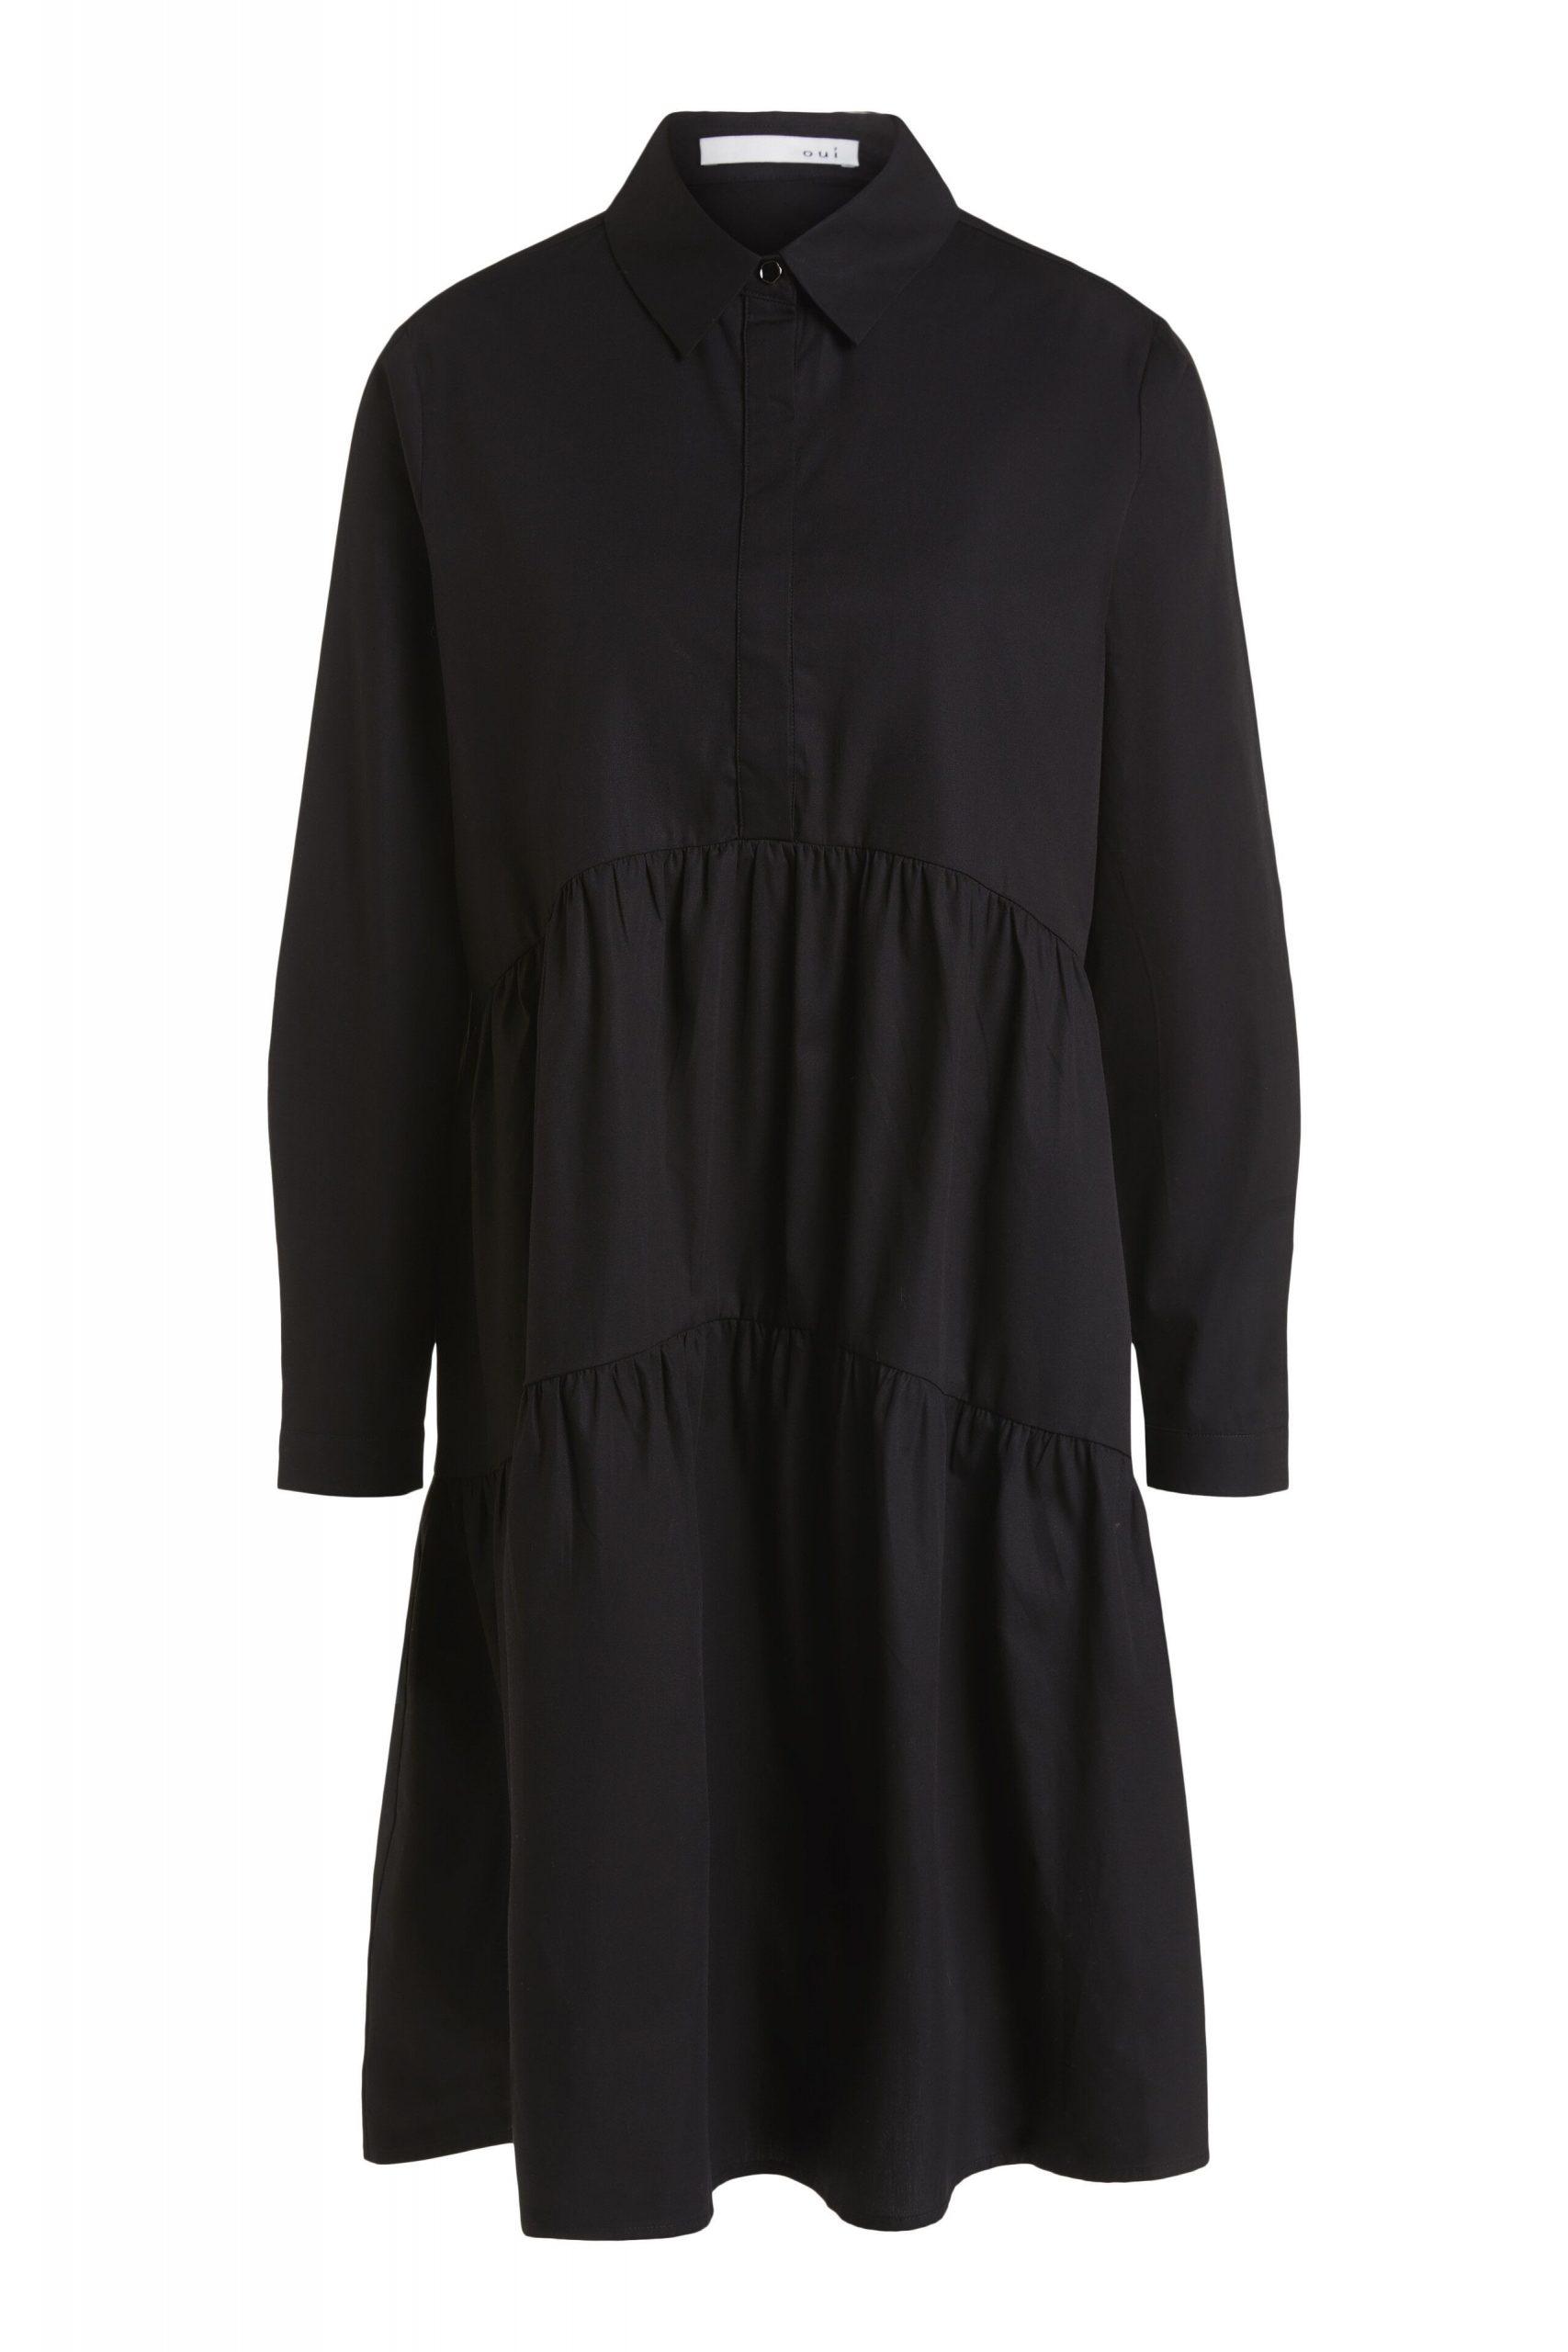 Oui Stufenkleid Mit Hohem Kragen  Kleider  Damenmode